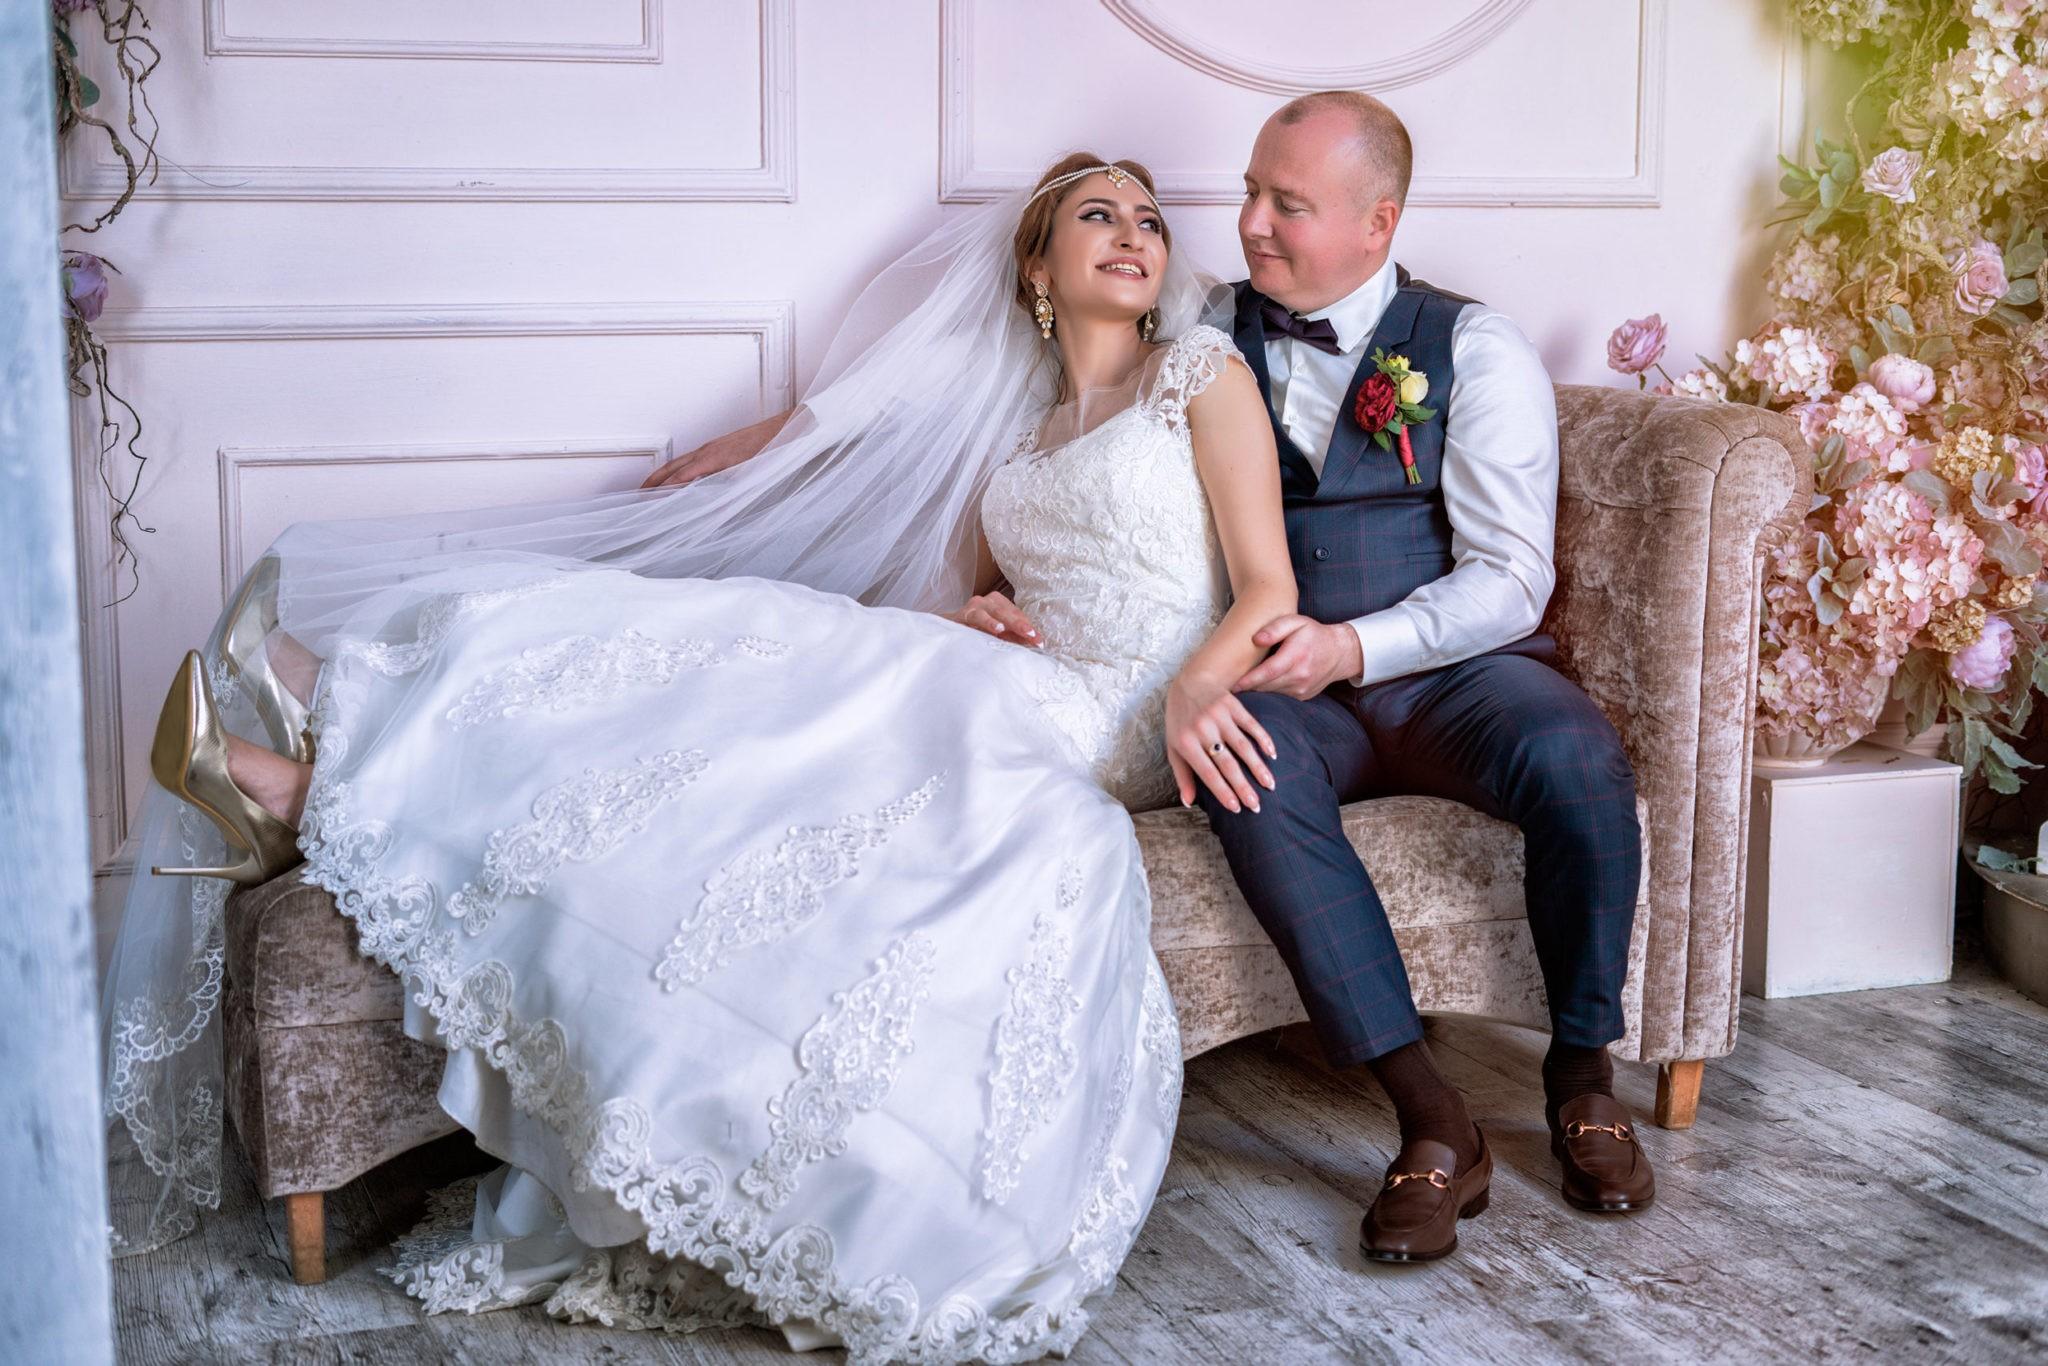 Свадебная фотосъемка от свадебного фотографа в интерьерной студии Мансарда г. Краснодар: жених и невеста